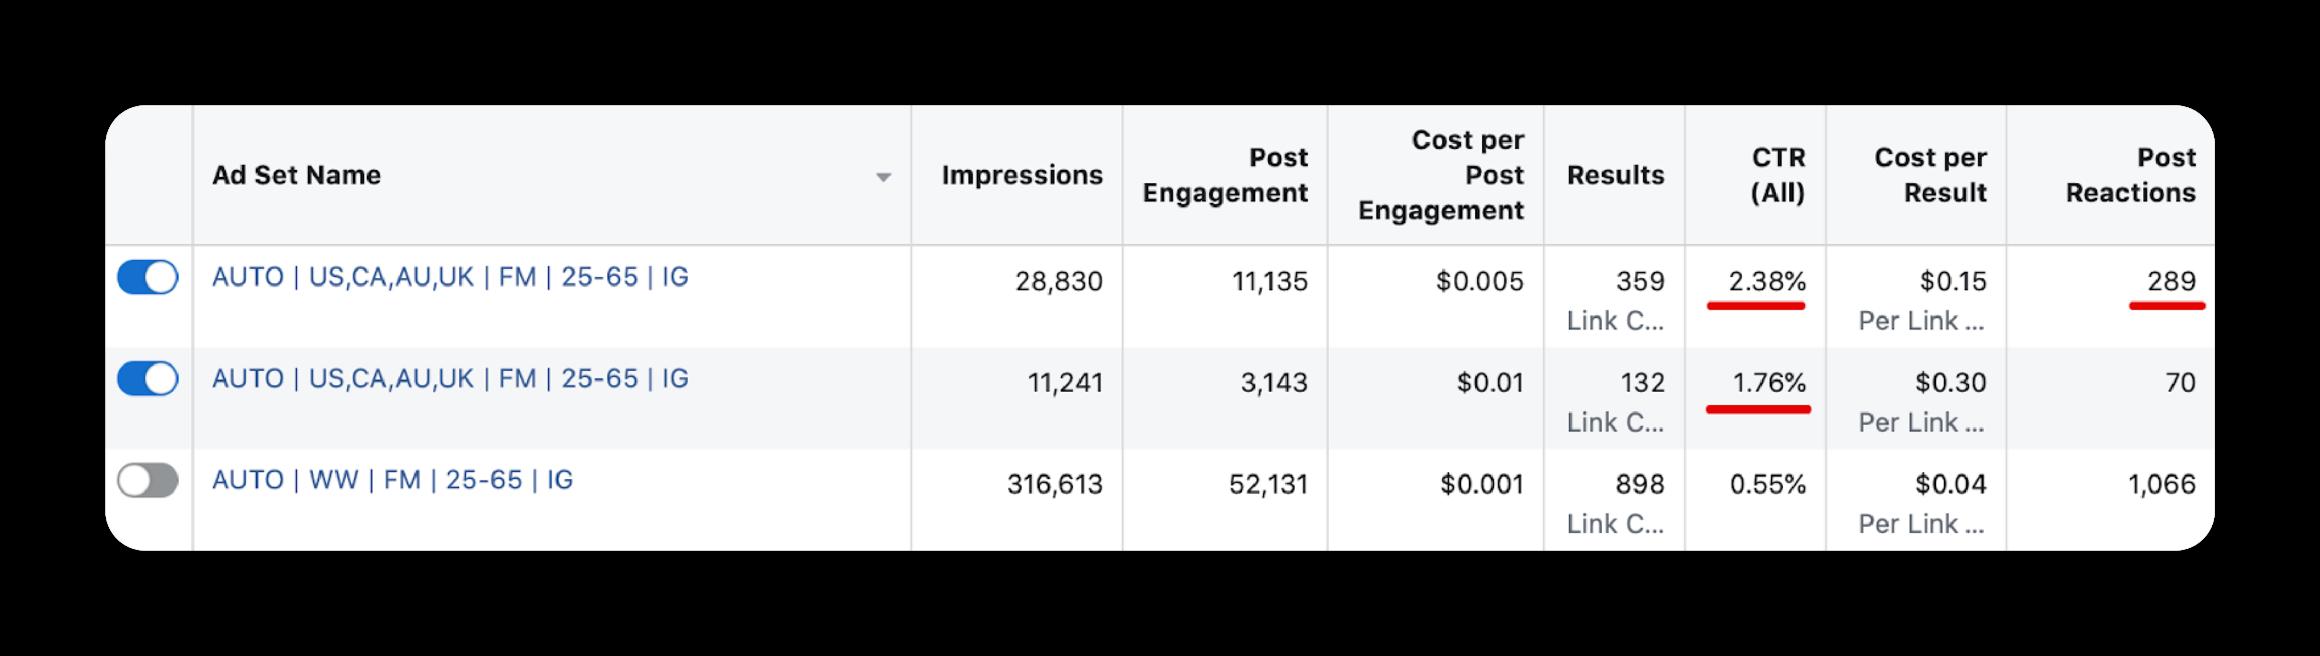 ads-statistics